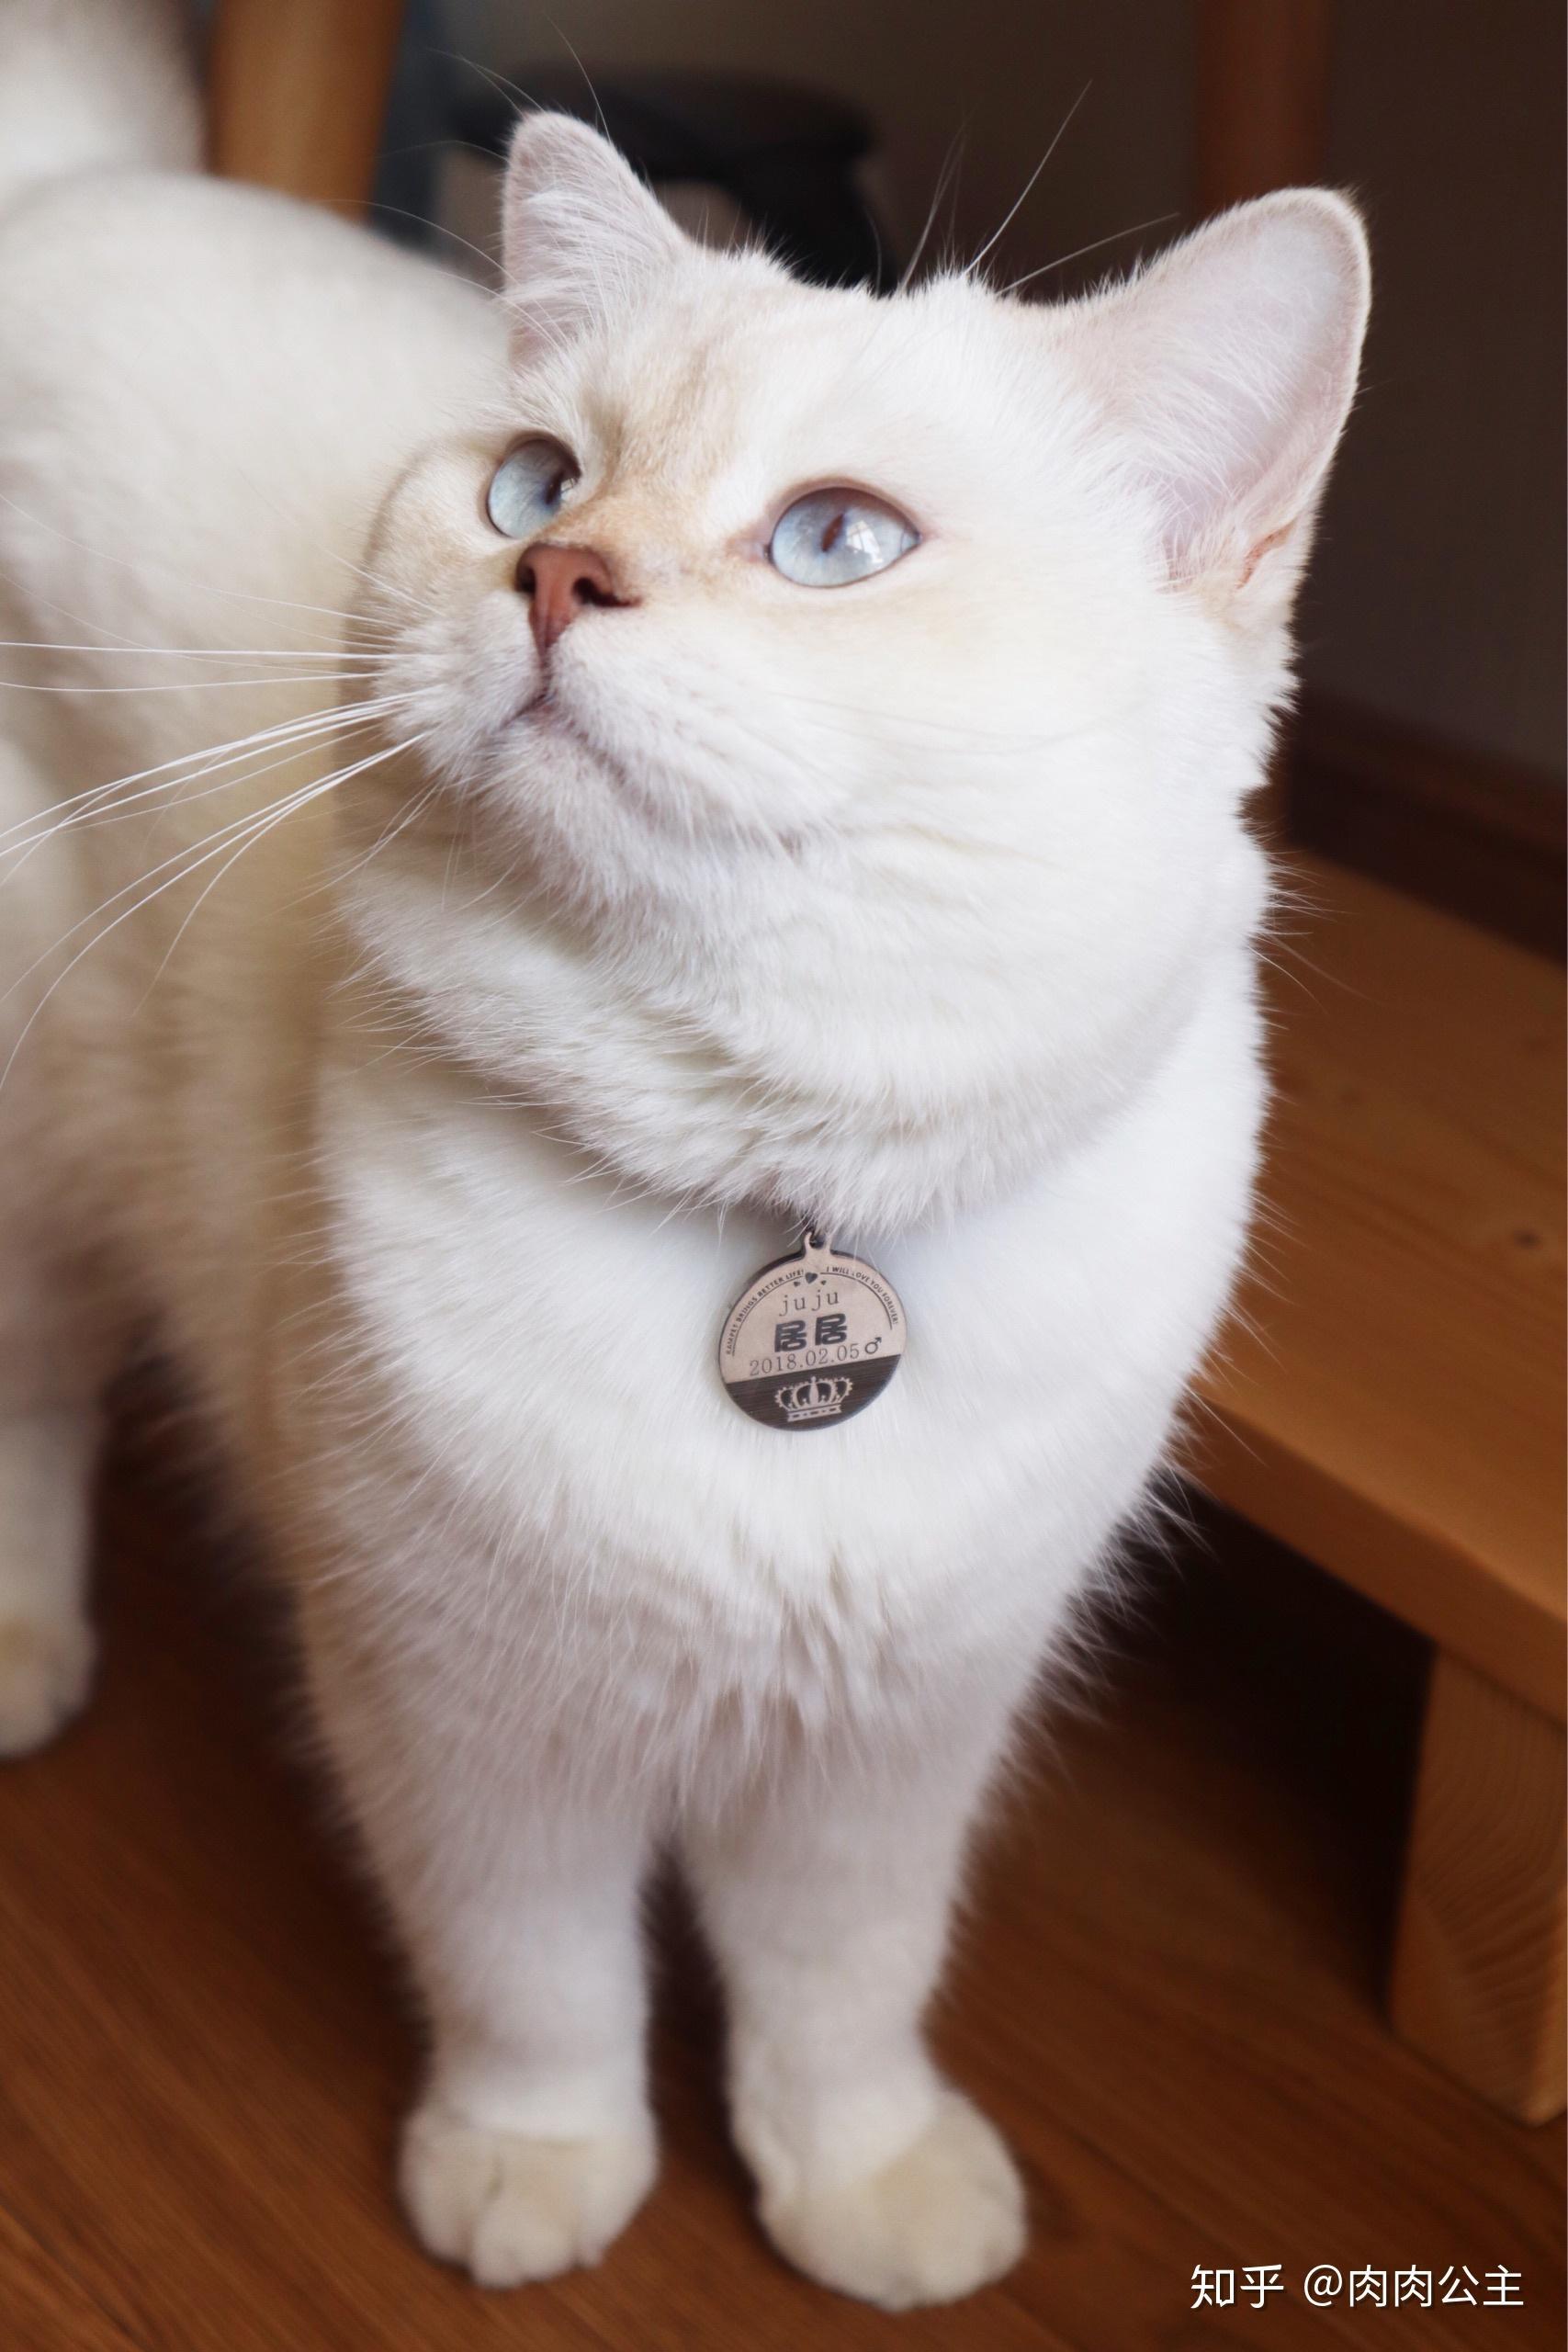 求科普英国短毛猫的银点色科普一下,英国短毛猫银点猫咪